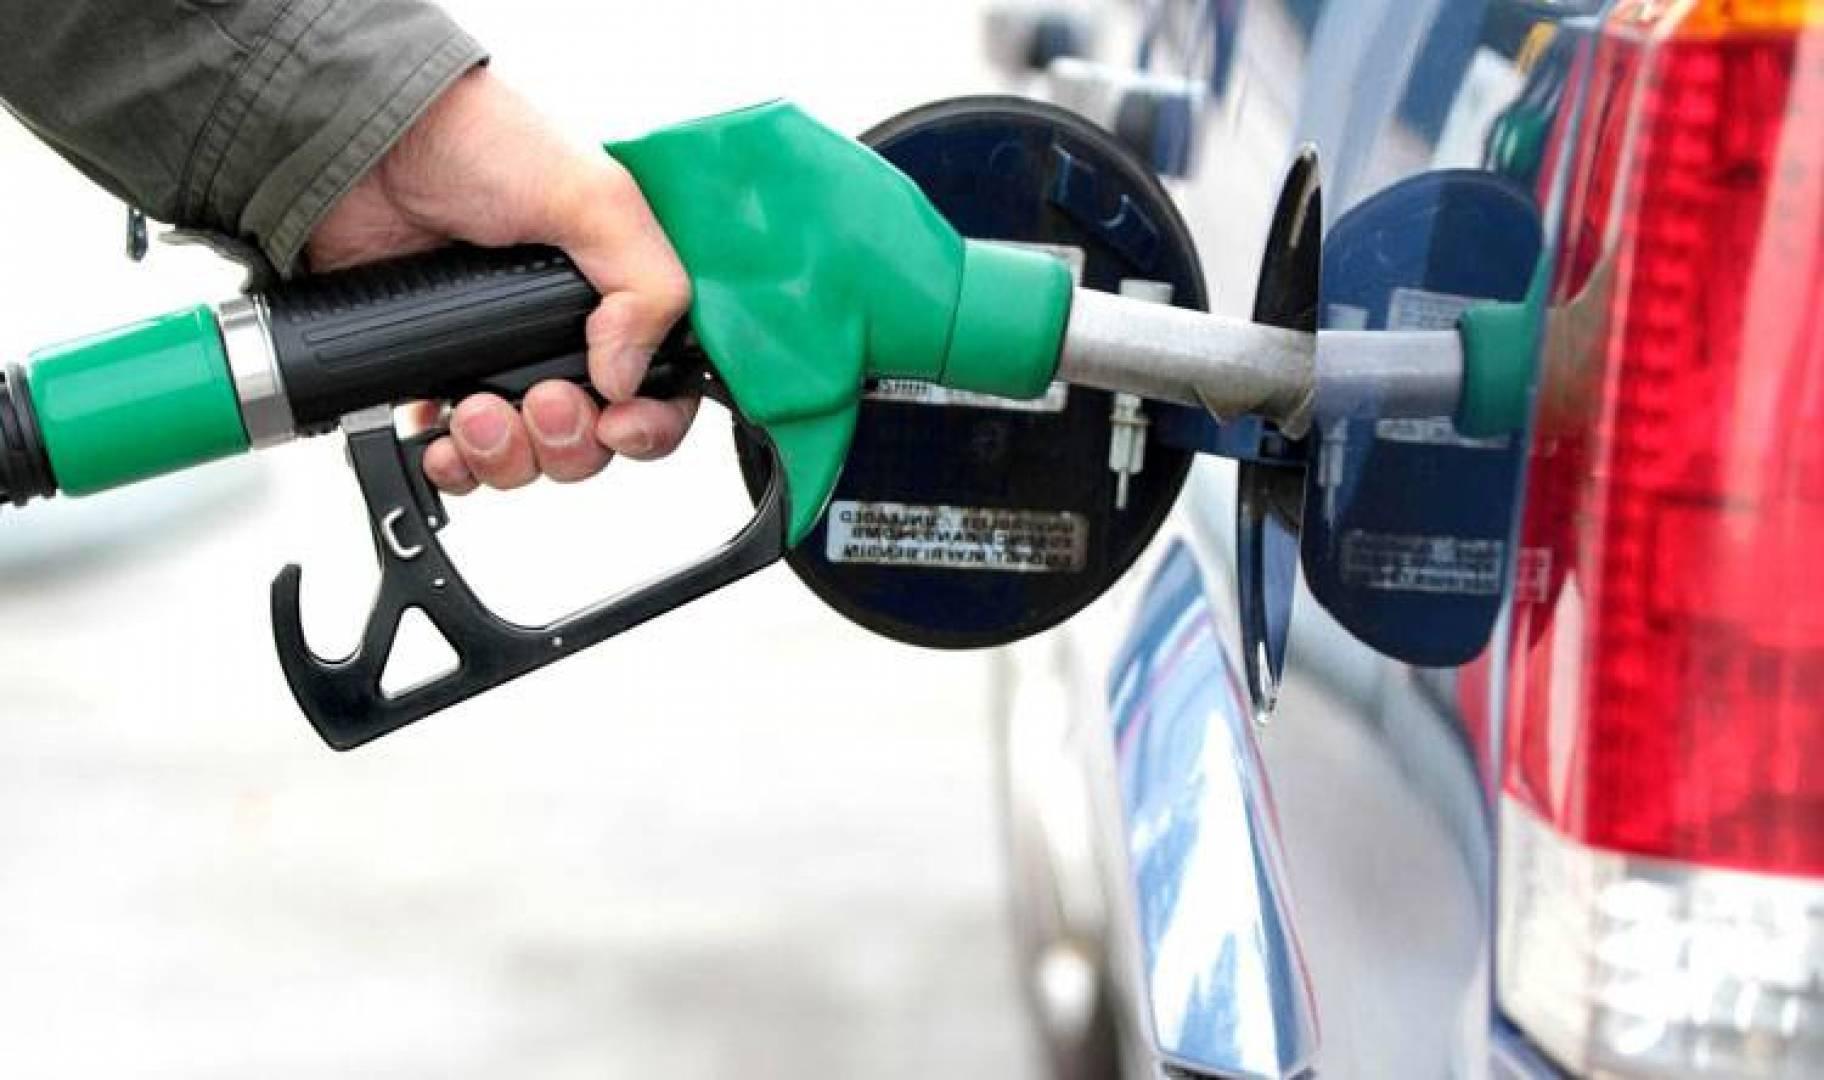 توقعات بارتفاع في أسعار الوقود الشهر المقبل